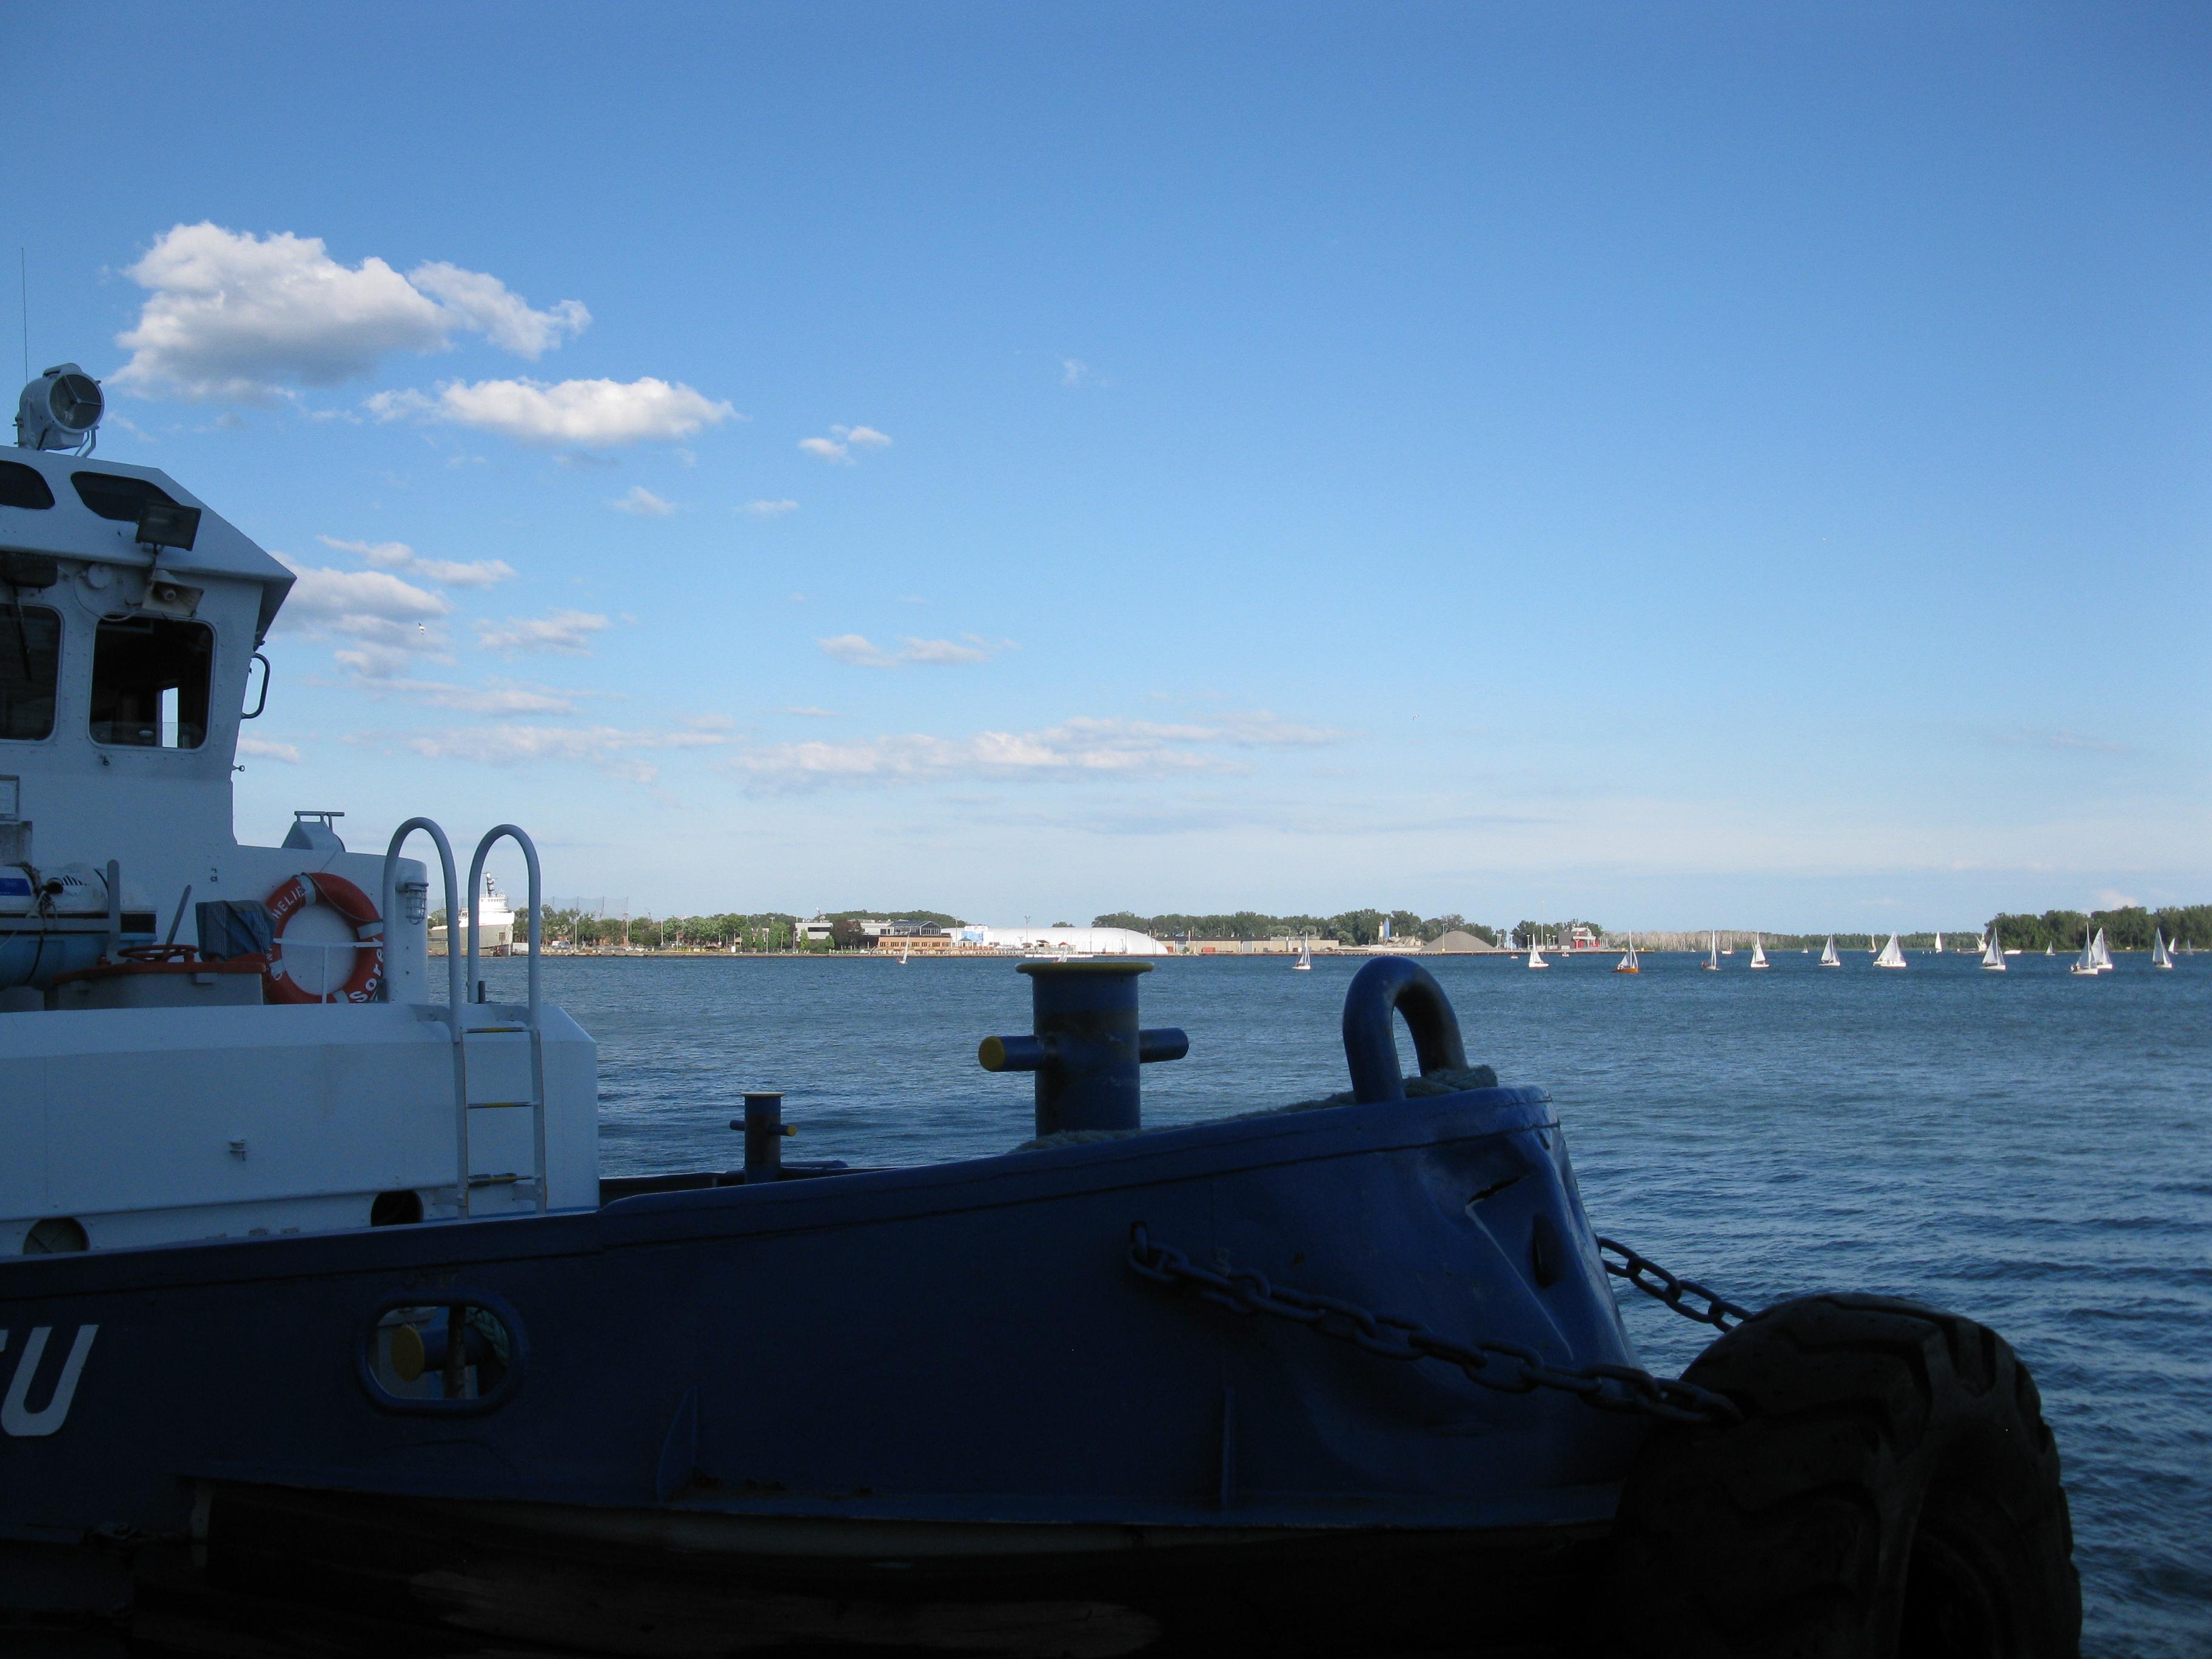 Tugboat richelieu -e.jpg photo